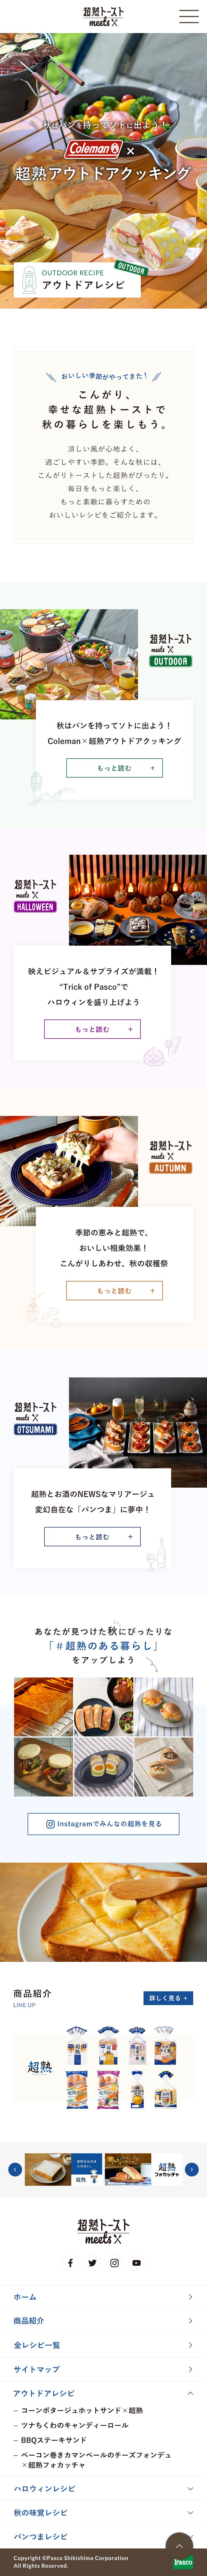 敷島製パン(超熟 特設サイト) 様